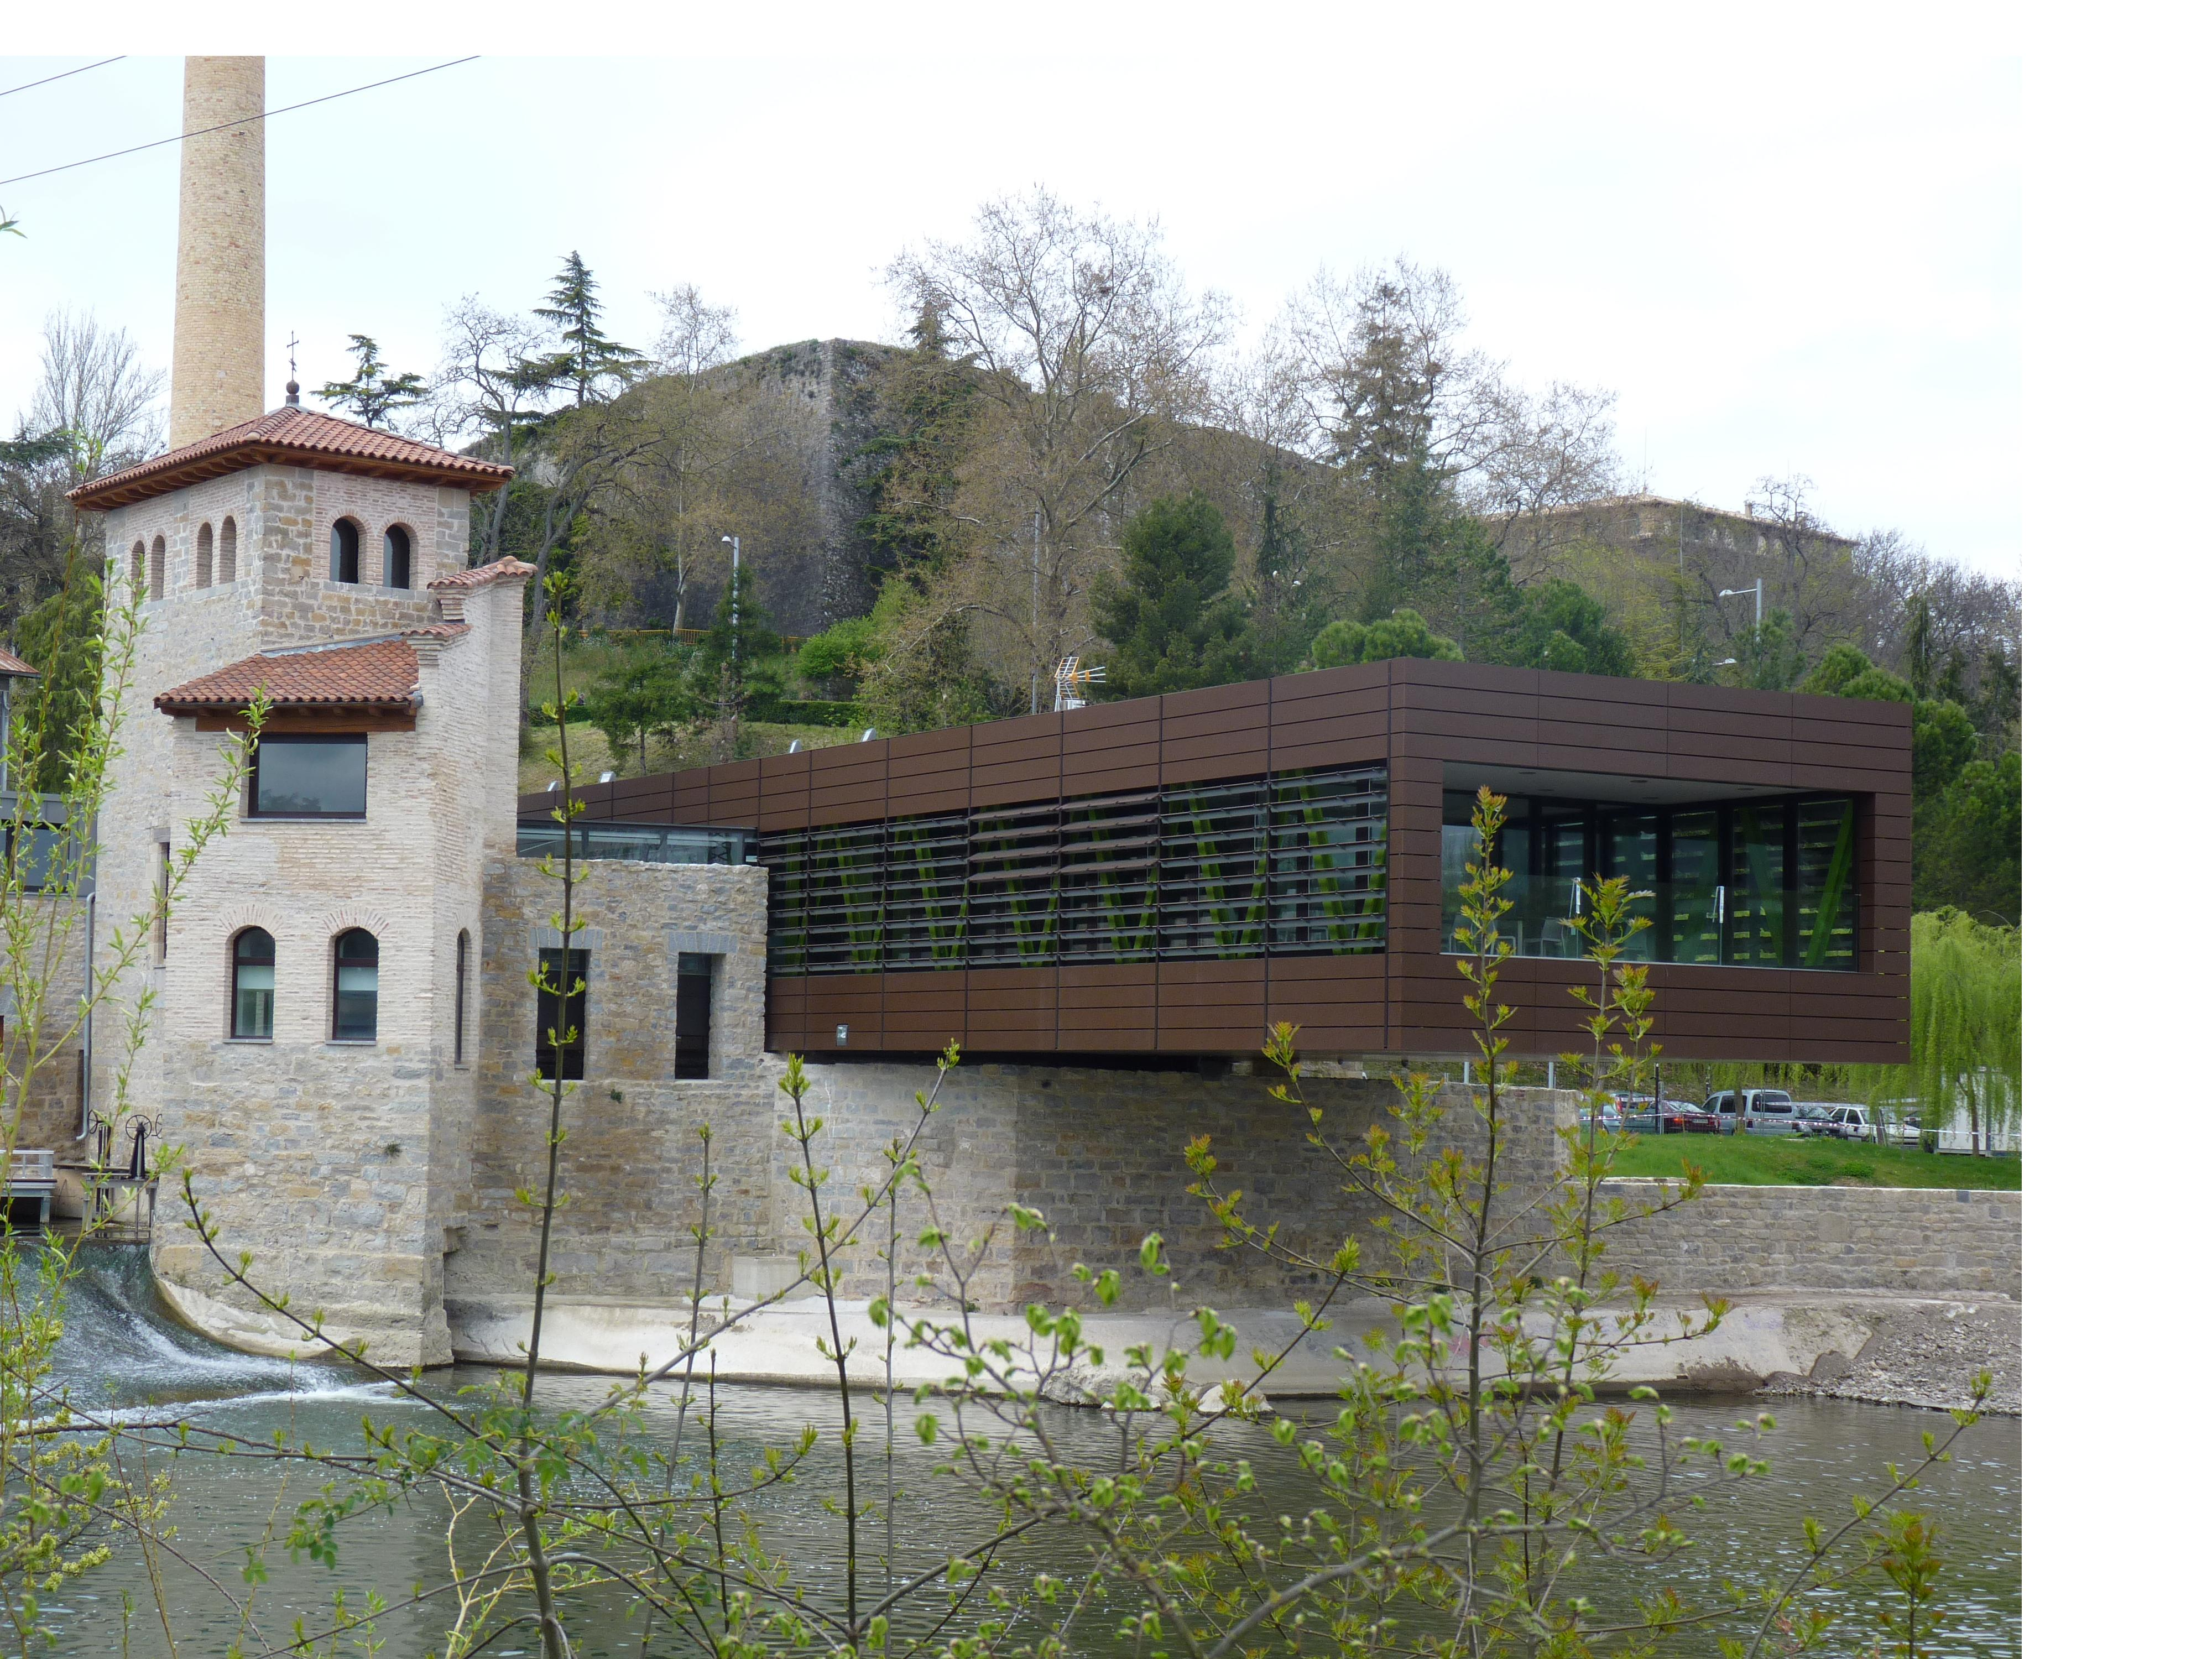 Resturantes en Pamplona, Molino de Caparroso